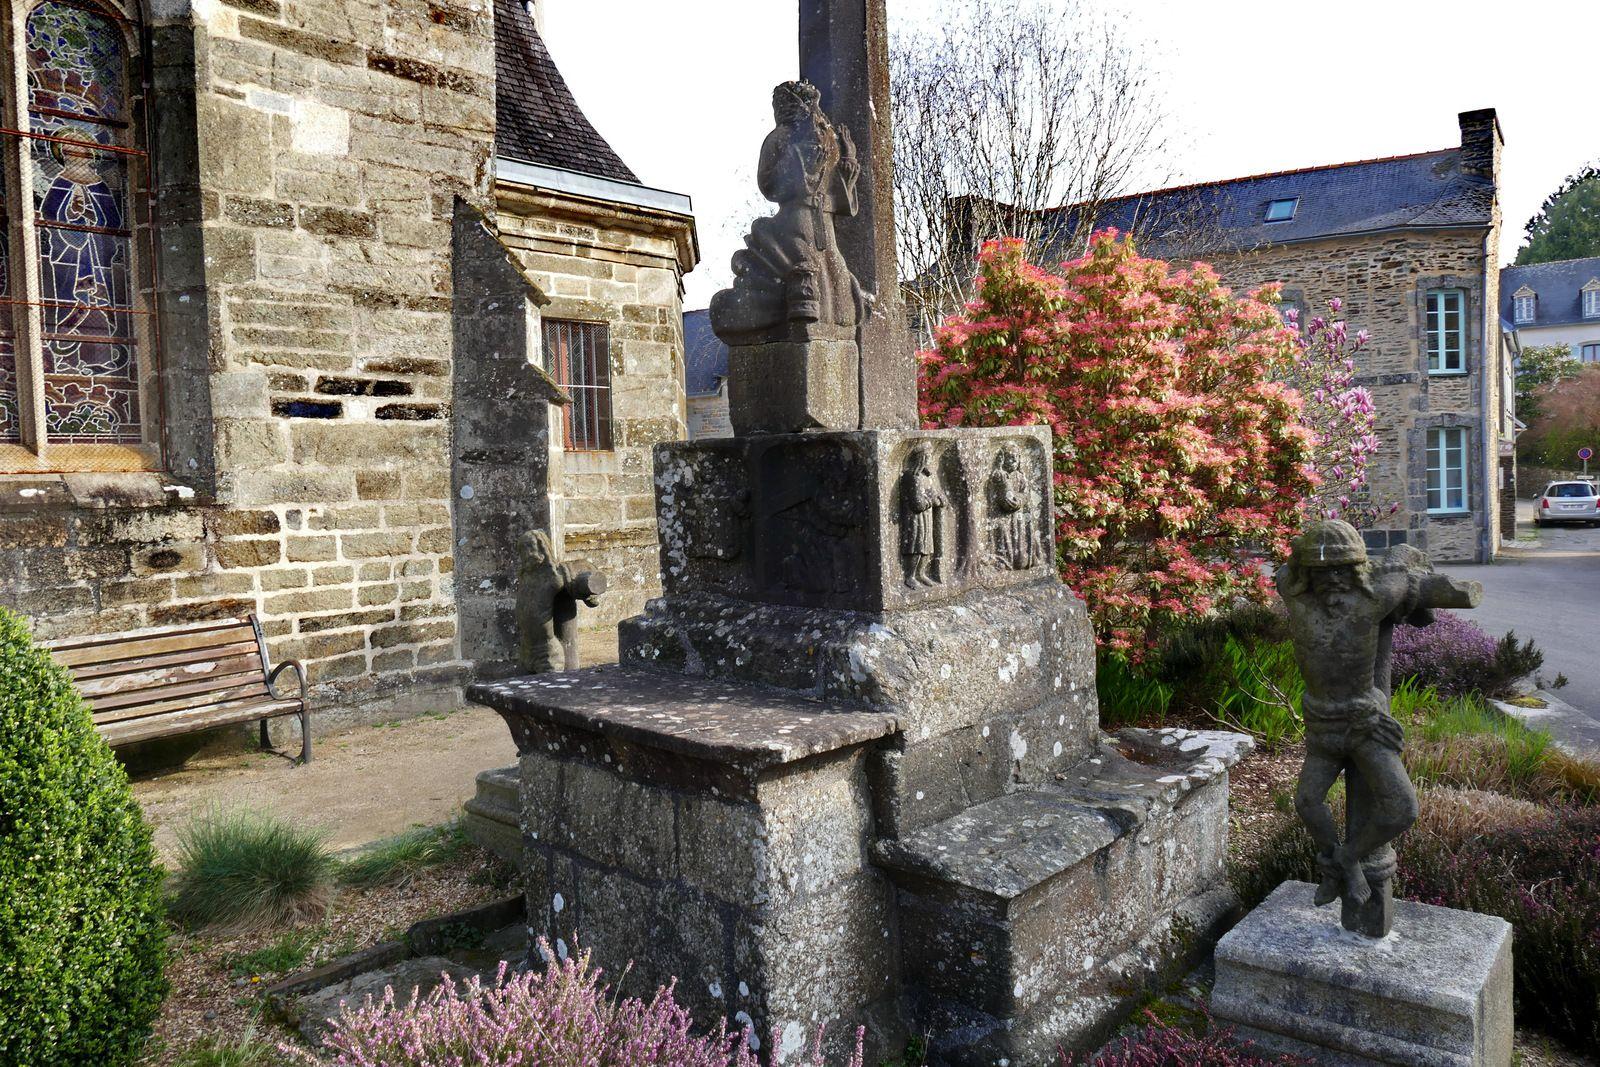 Calvaire (kersantite, 1552, Prigent) de l'église de Lopérec. Photographie lavieb-aile 2020.